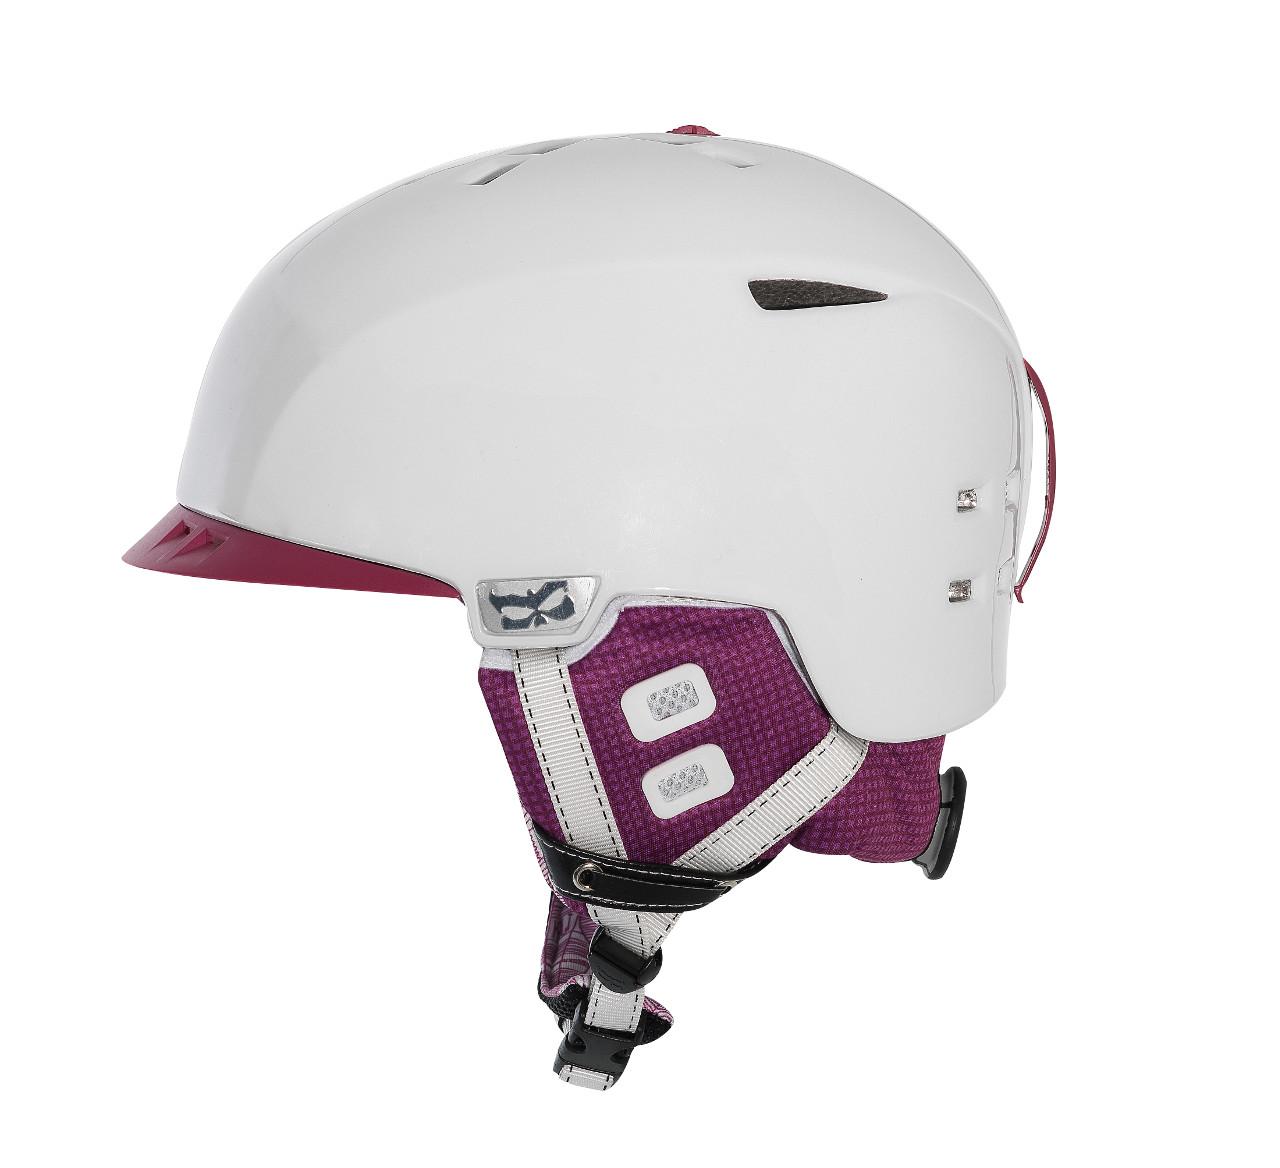 #КАЛИ шлем DEVA Feather pink S лыжи доска ПромO